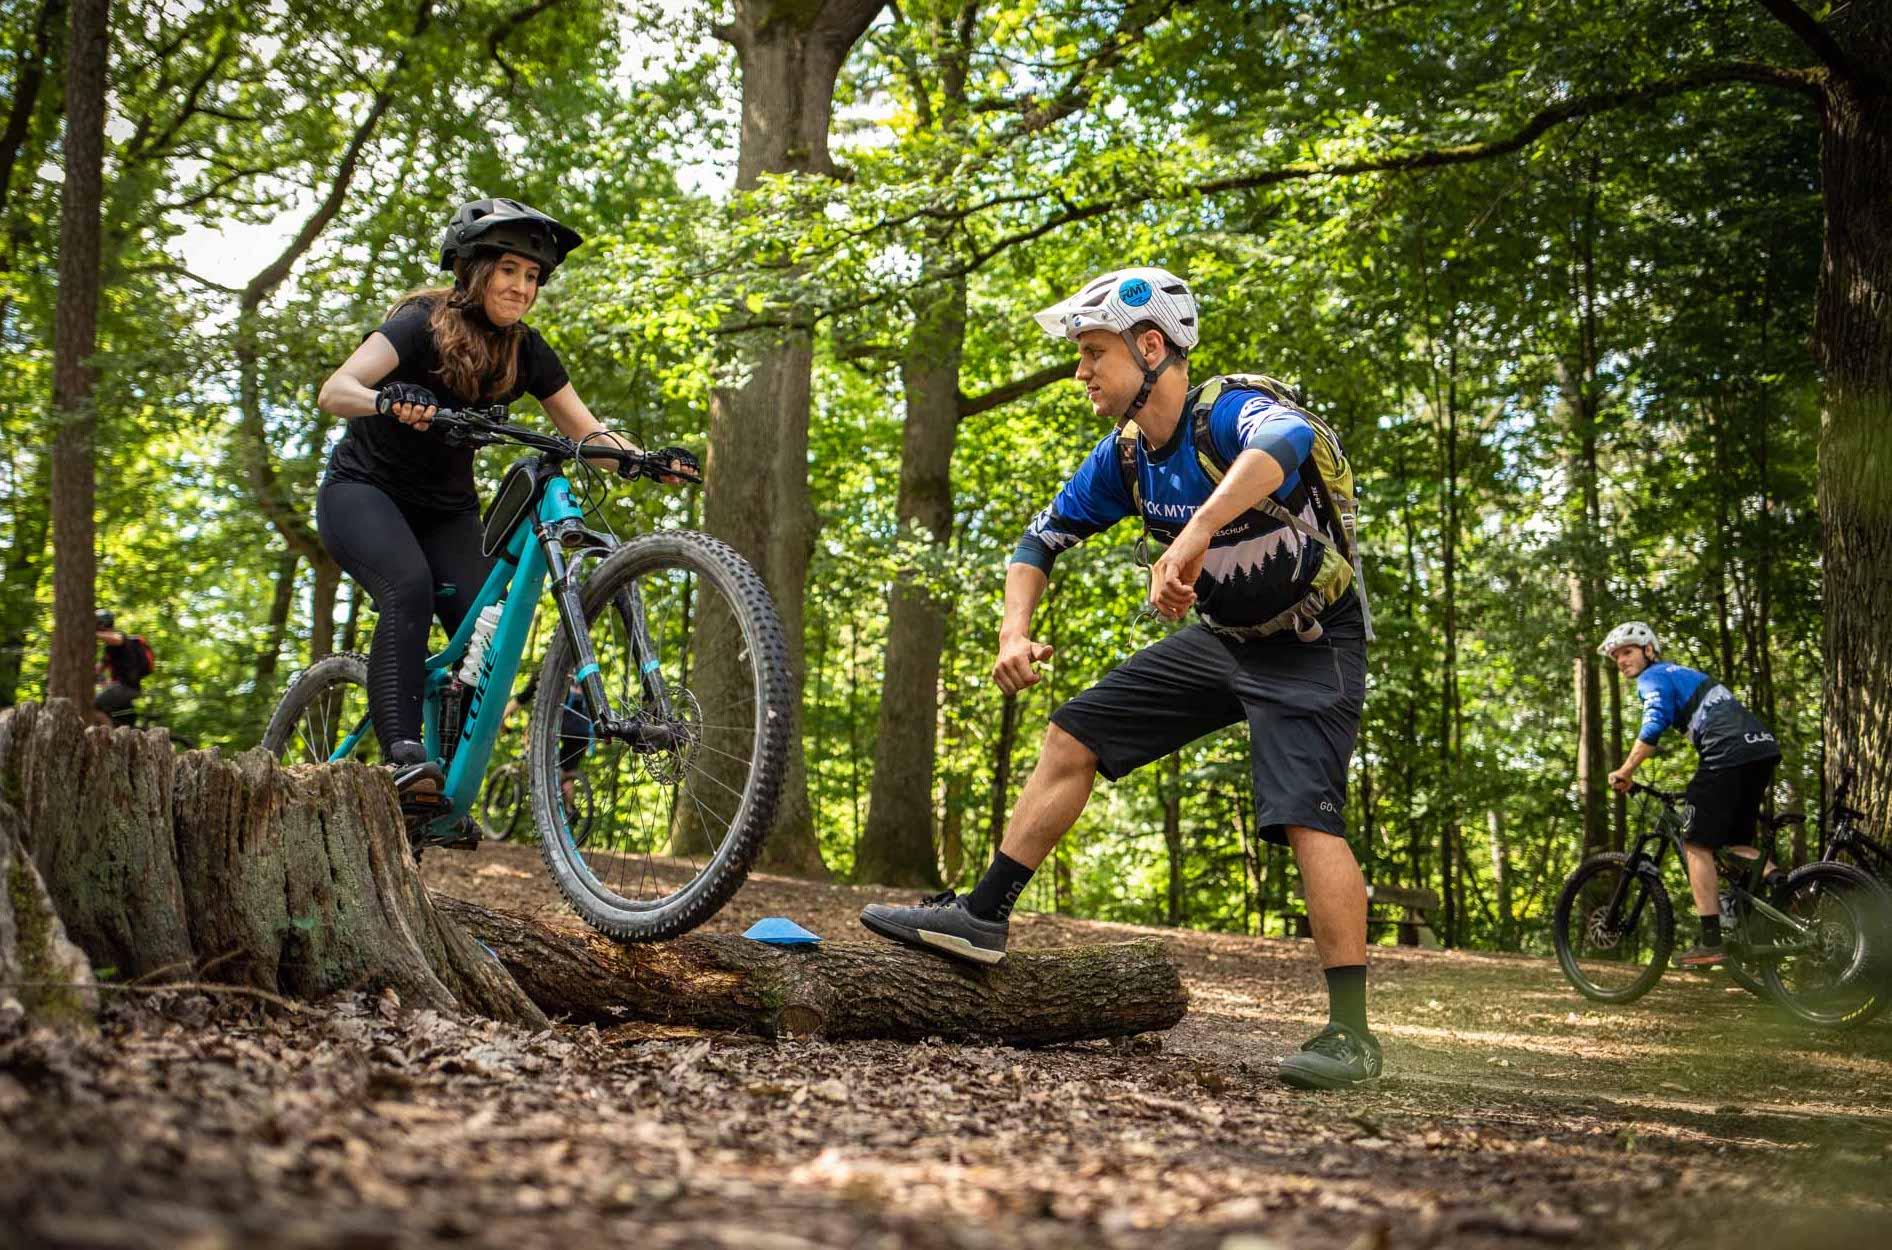 MTB Fahrtechnik Kurs für Einsteiger in Kassel - Mountainbike Basic - Rock my Trail Bikeschule